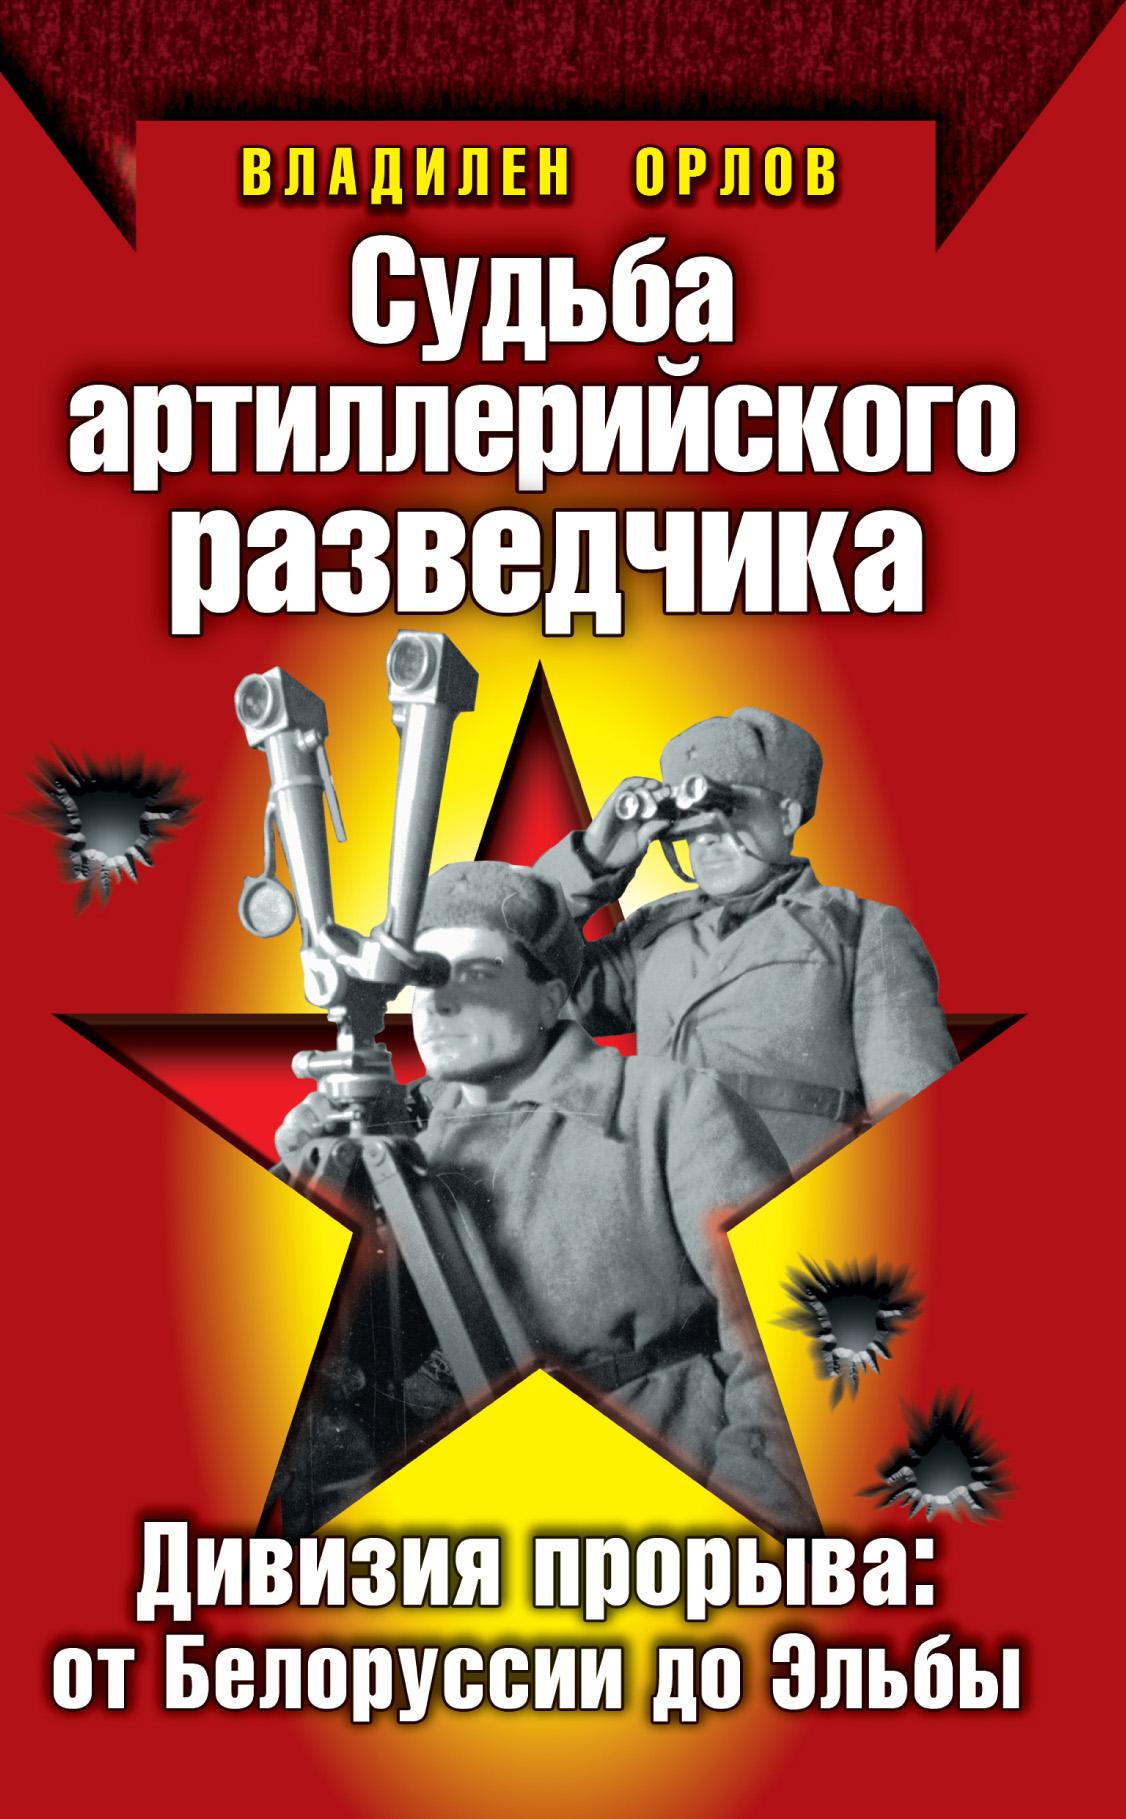 Судьба артиллерийского разведчика. Дивизия прорыва: от Белоруссии до Эльбы